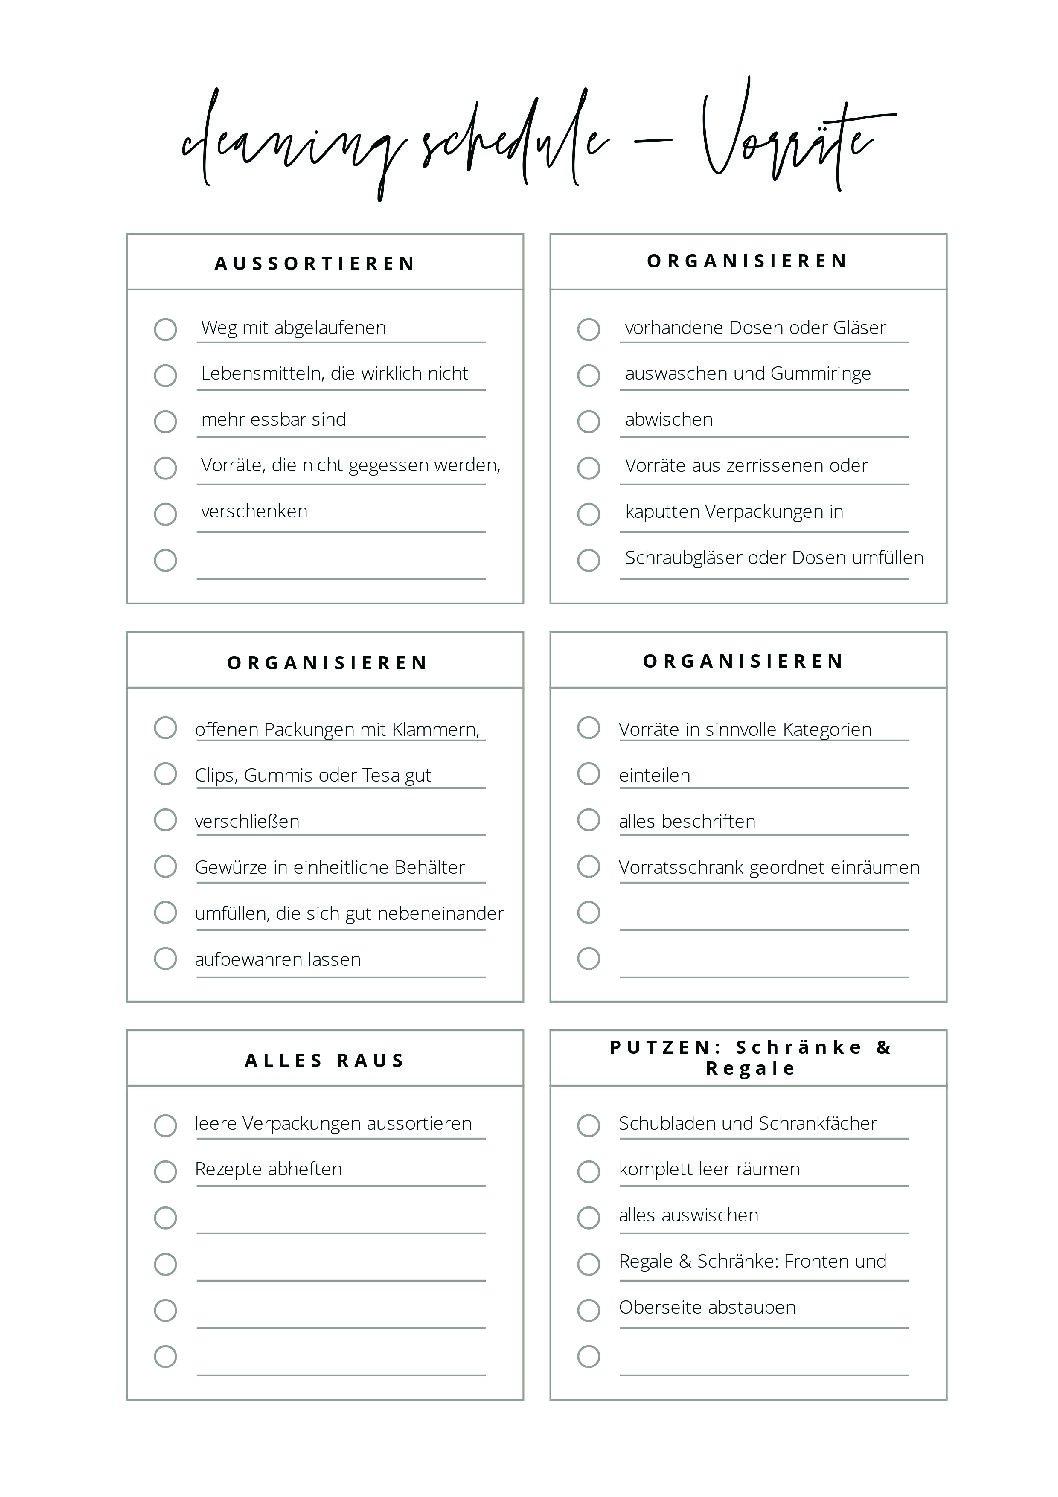 Checklisten & Cheatsheets   ordnungsliebe